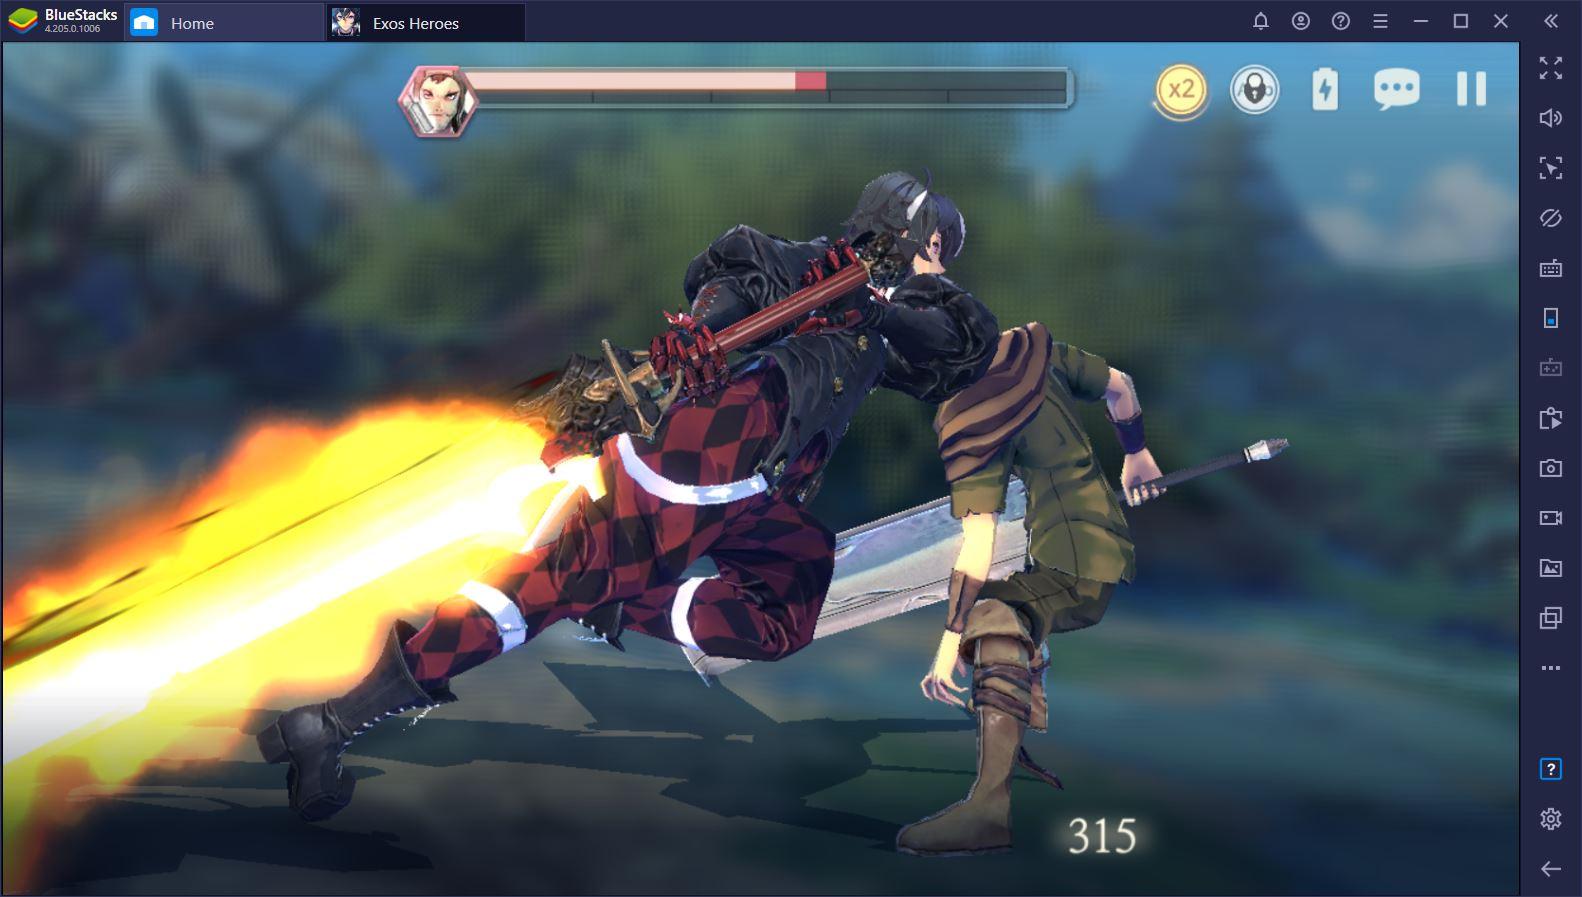 Dicas e Estratégias de Batalha no Exos Heroes